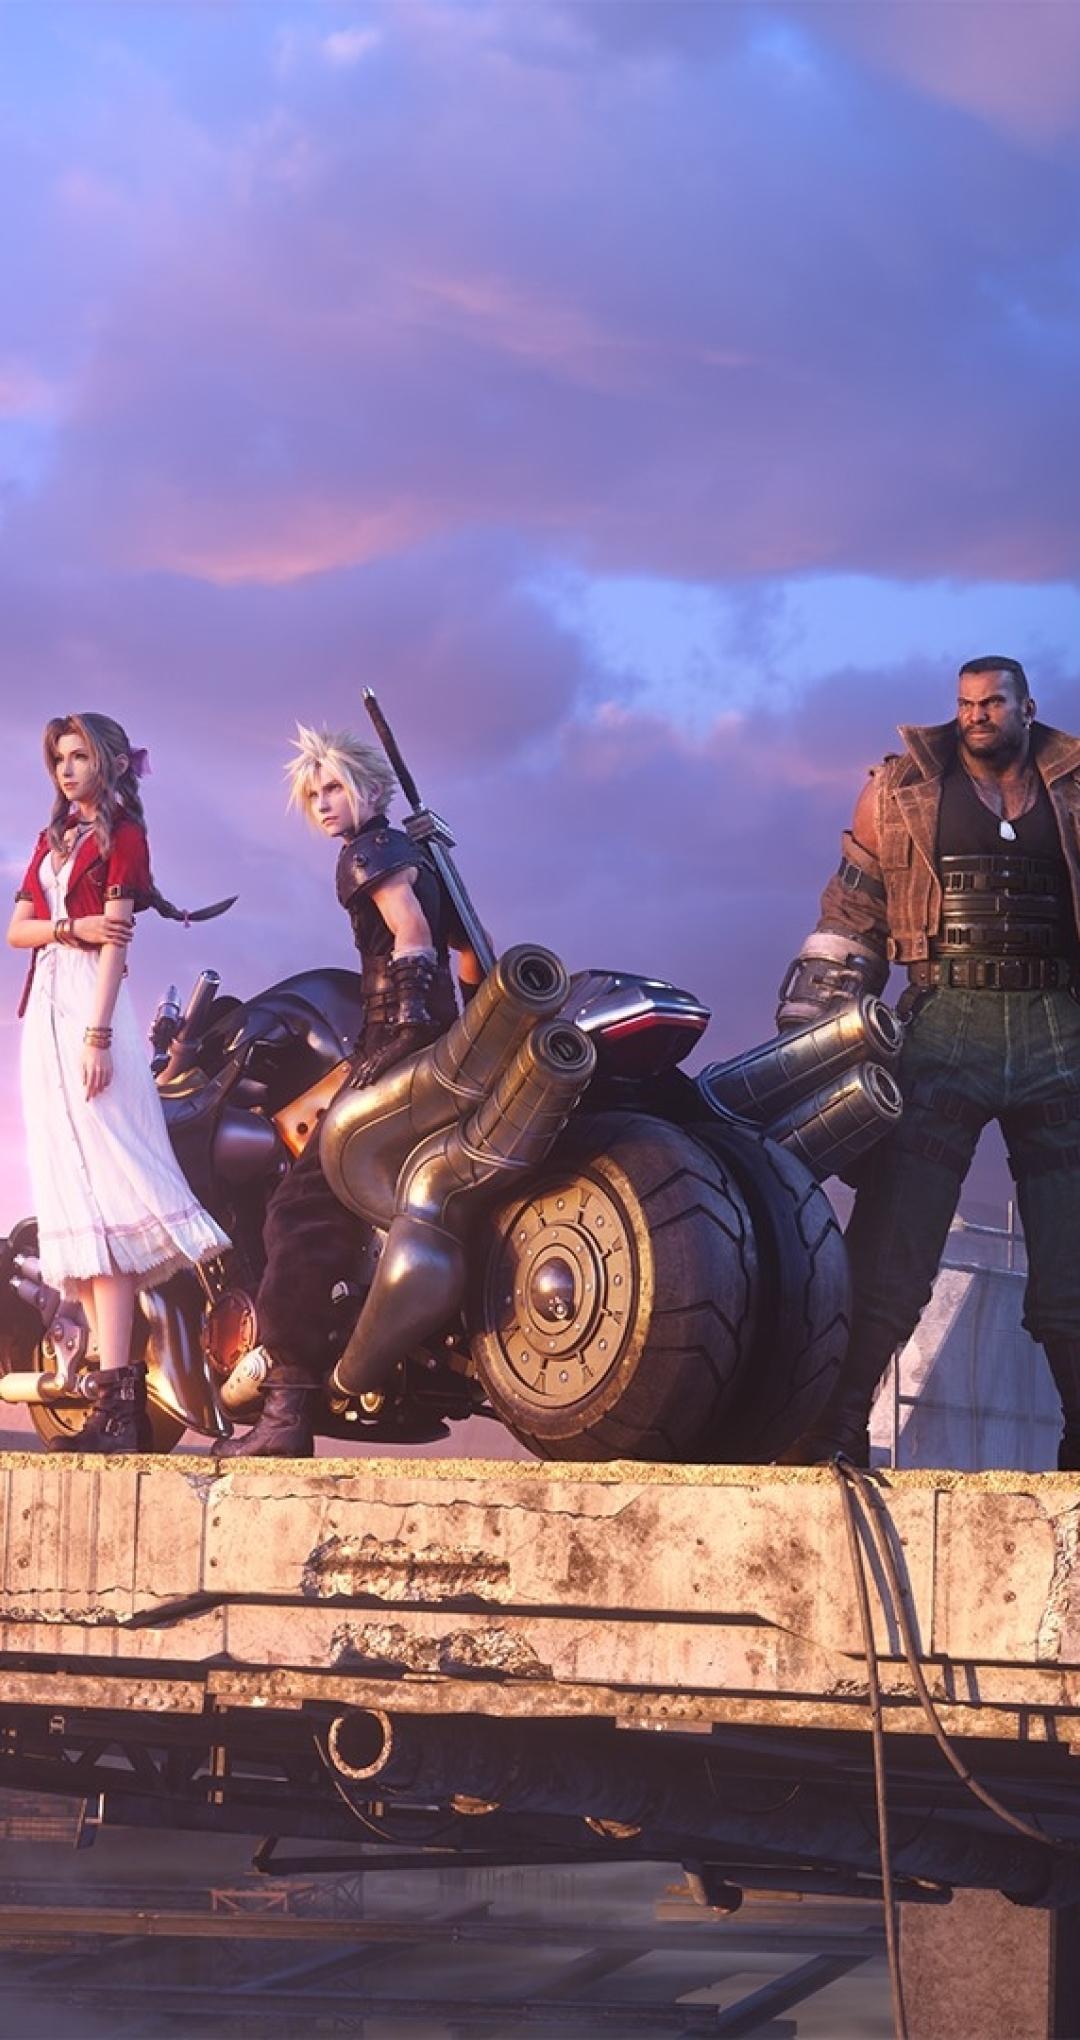 1080x2040 Final Fantasy 7 Remake Team 1080x2040 Resolution ...